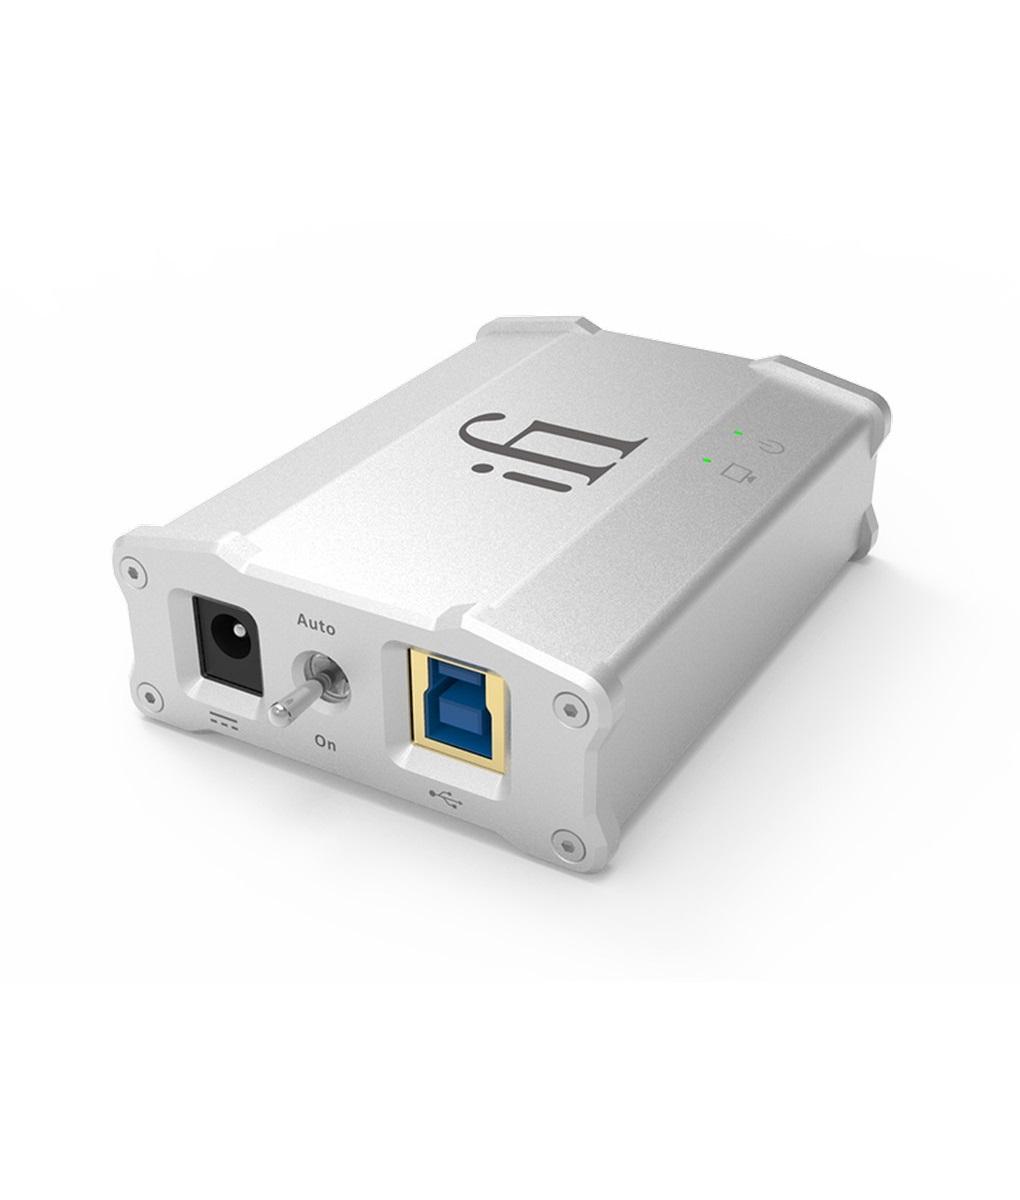 IFI Nano iUSB 3.0